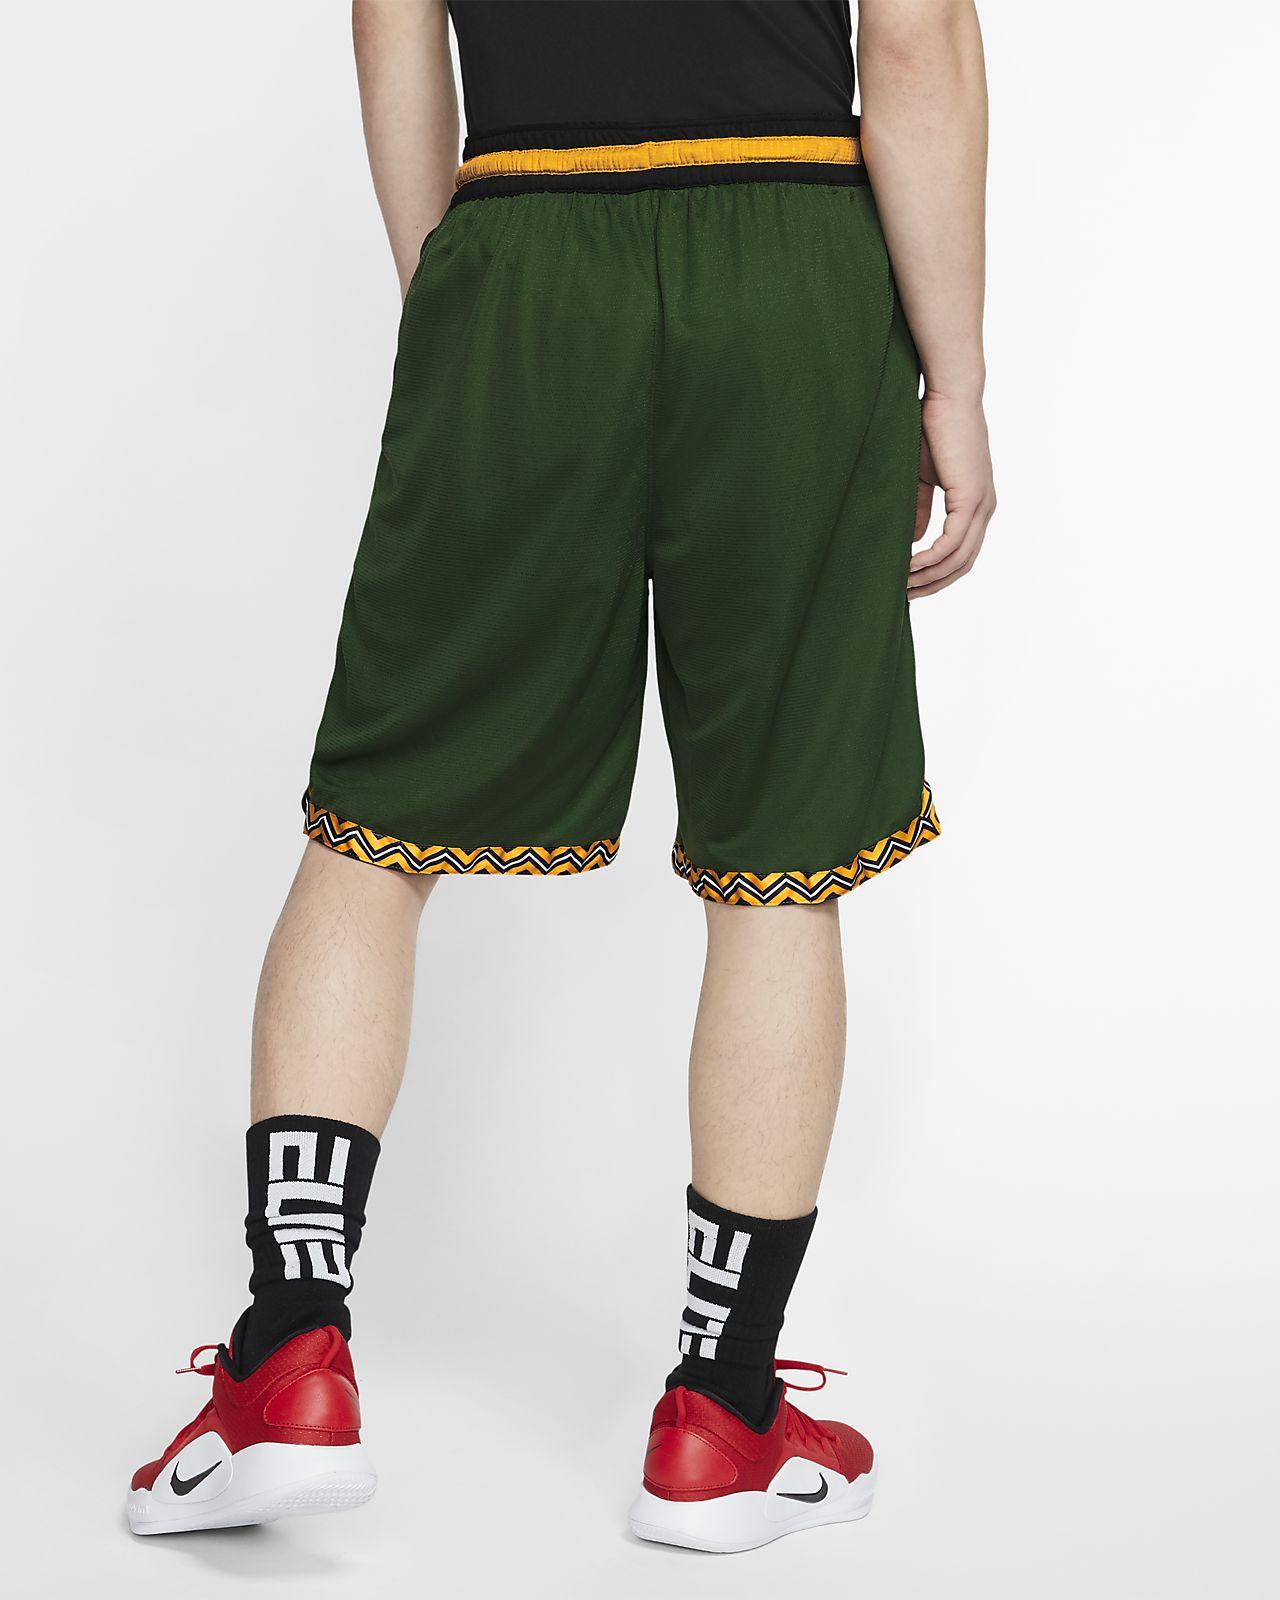 Shorts da basket Nike Dri FIT DNA